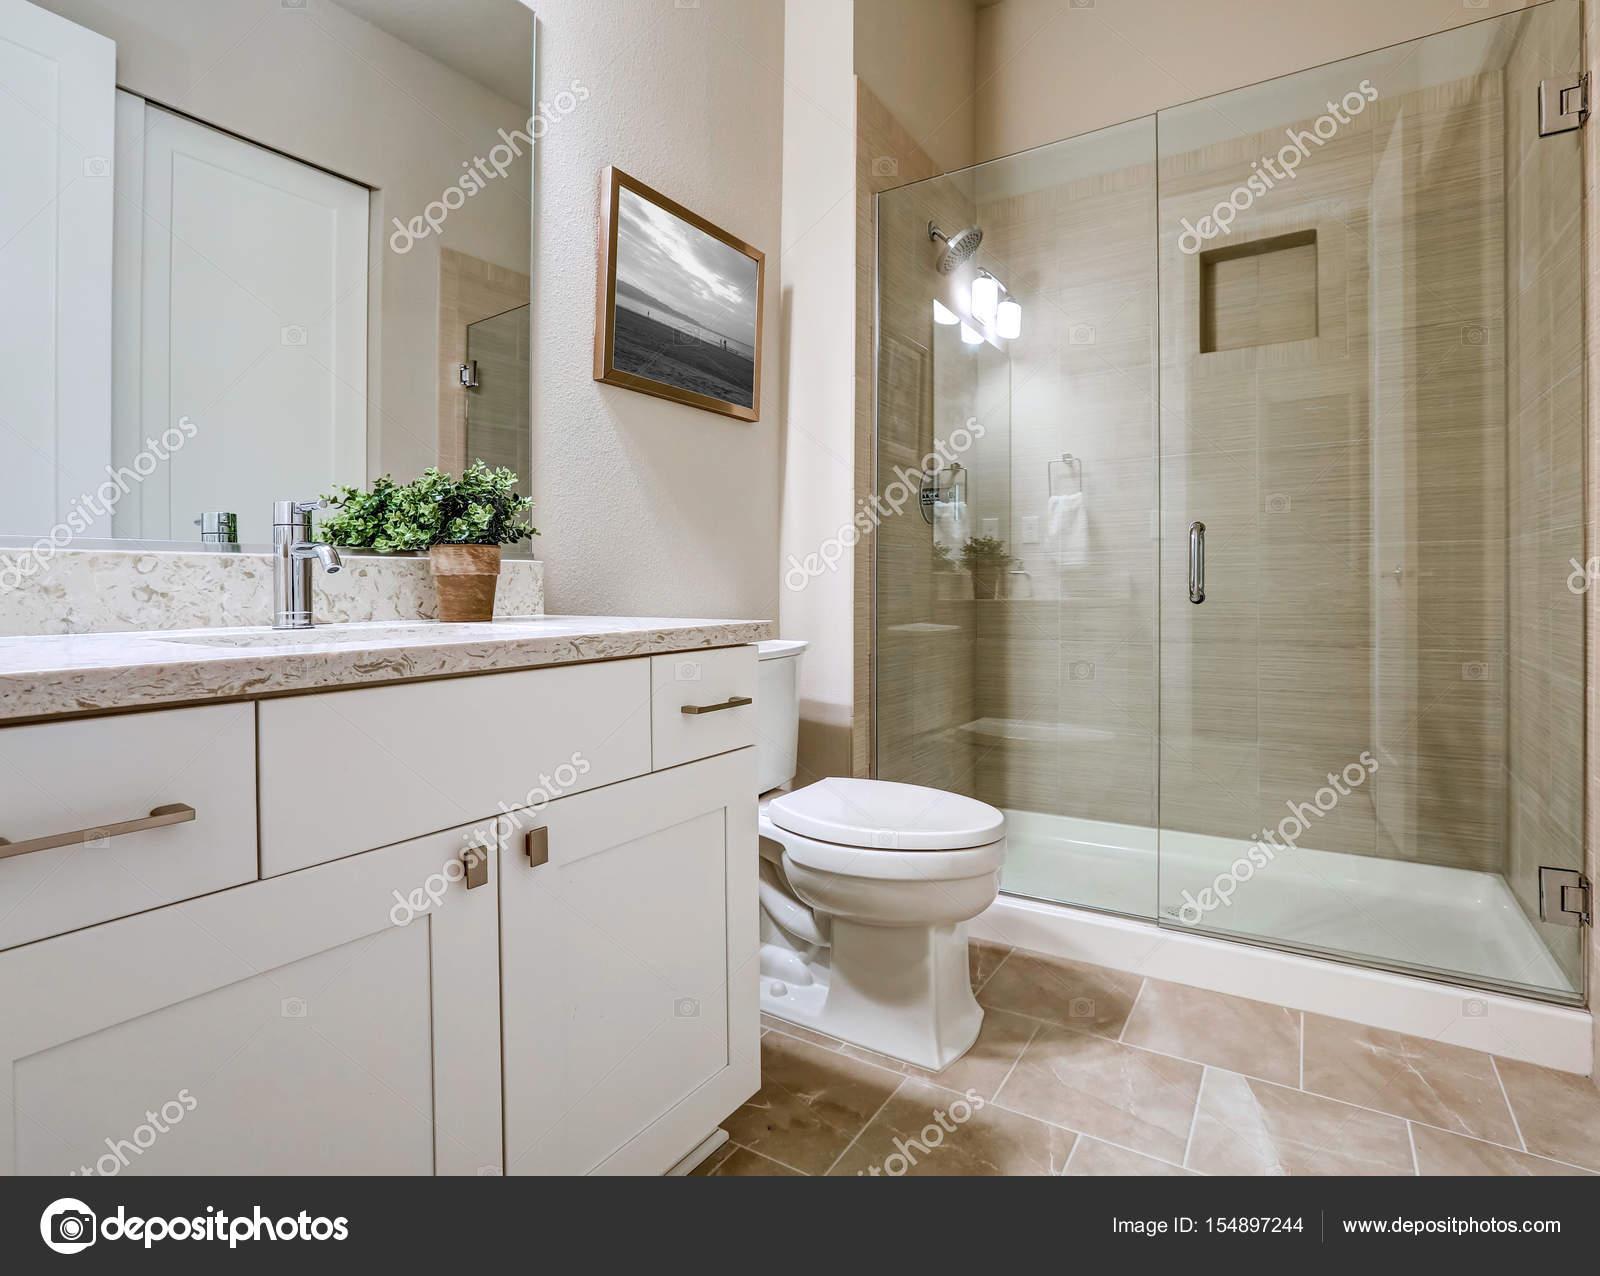 Tijdelijke badkamer interieur in zachte beige kleuren — Stockfoto ...